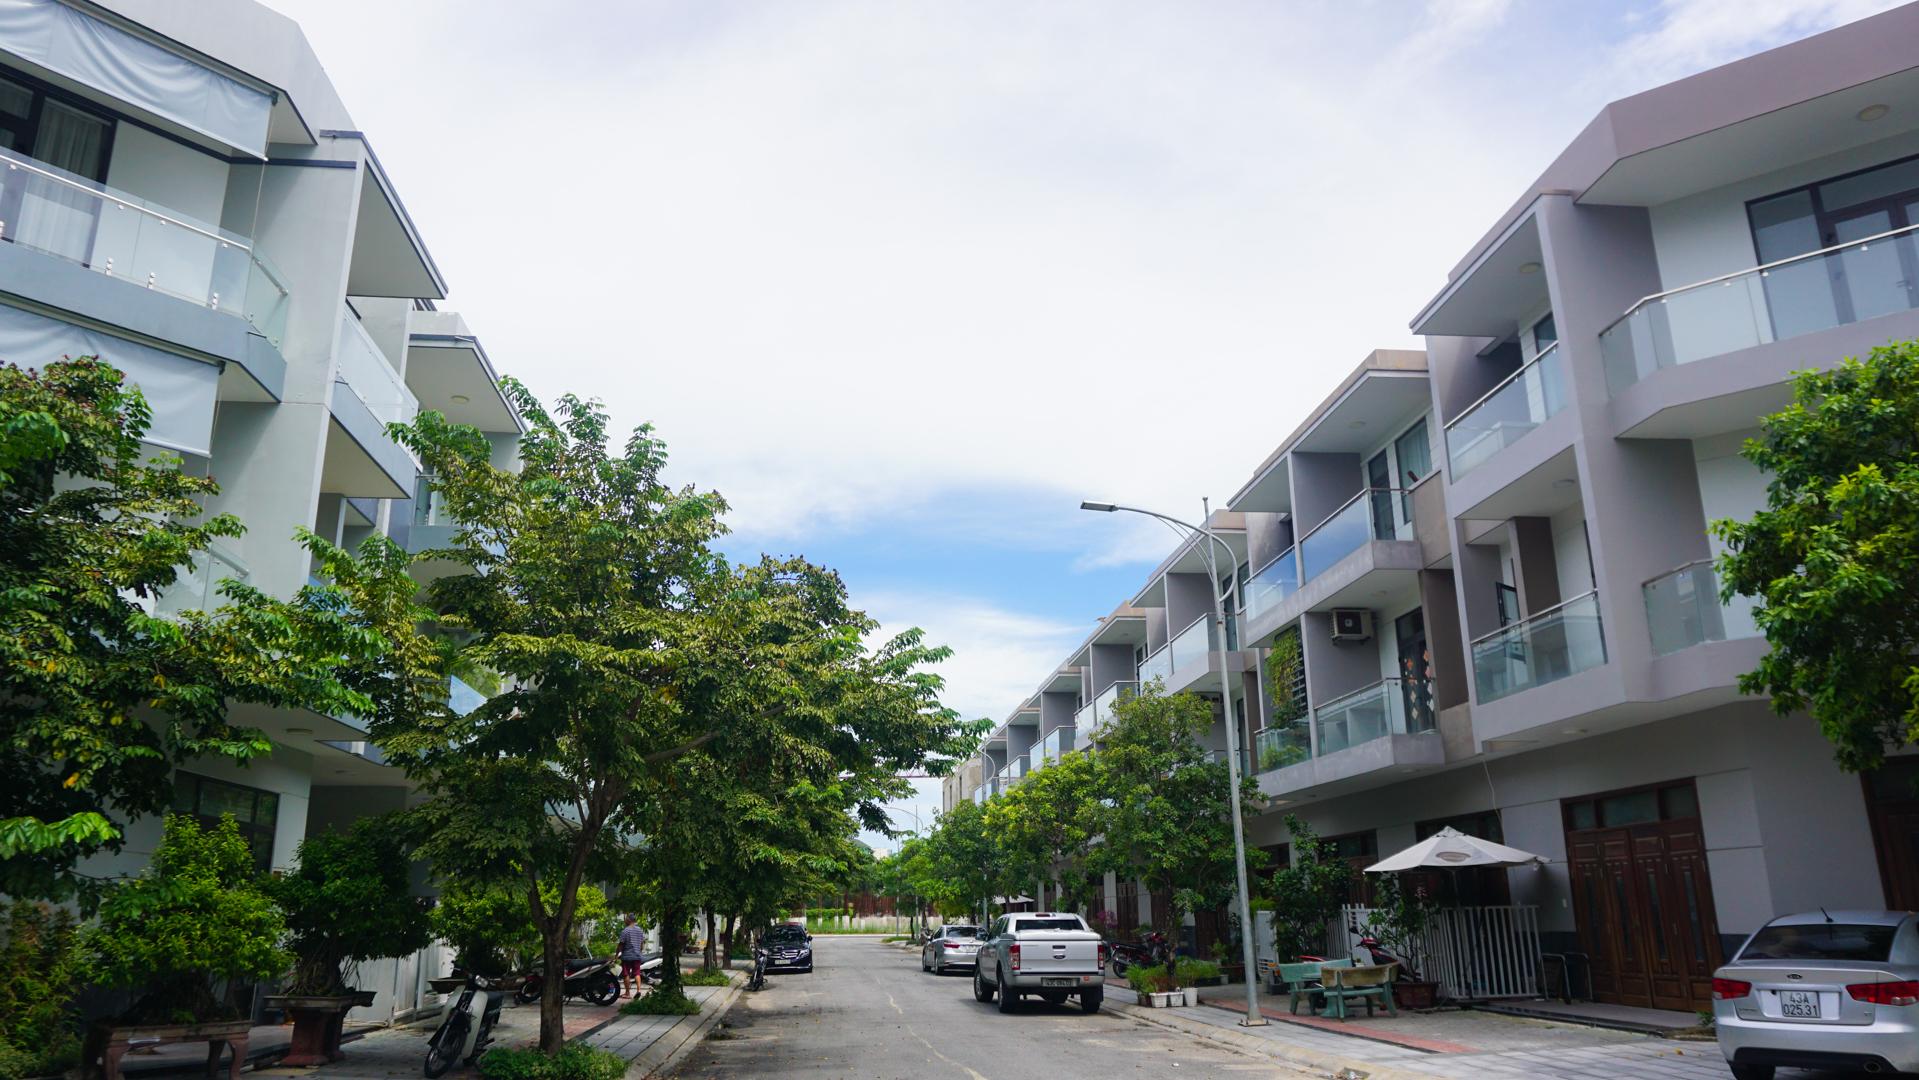 Nhiều người dân đã mua nhà ở tại các dự án của Vũ nhôm đang rất lo lắng